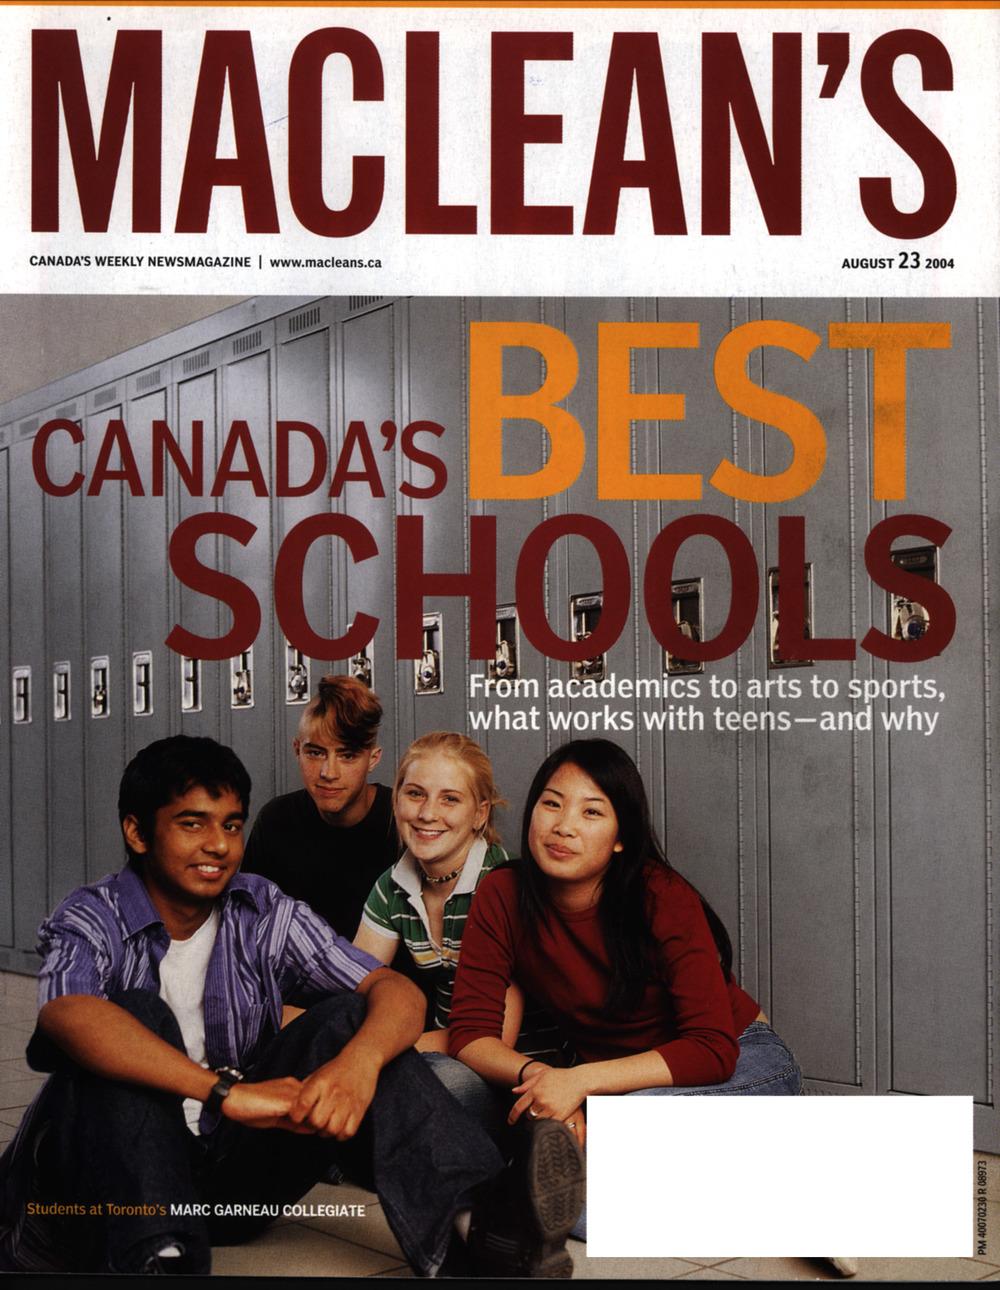 Maclean_Page_1.jpg